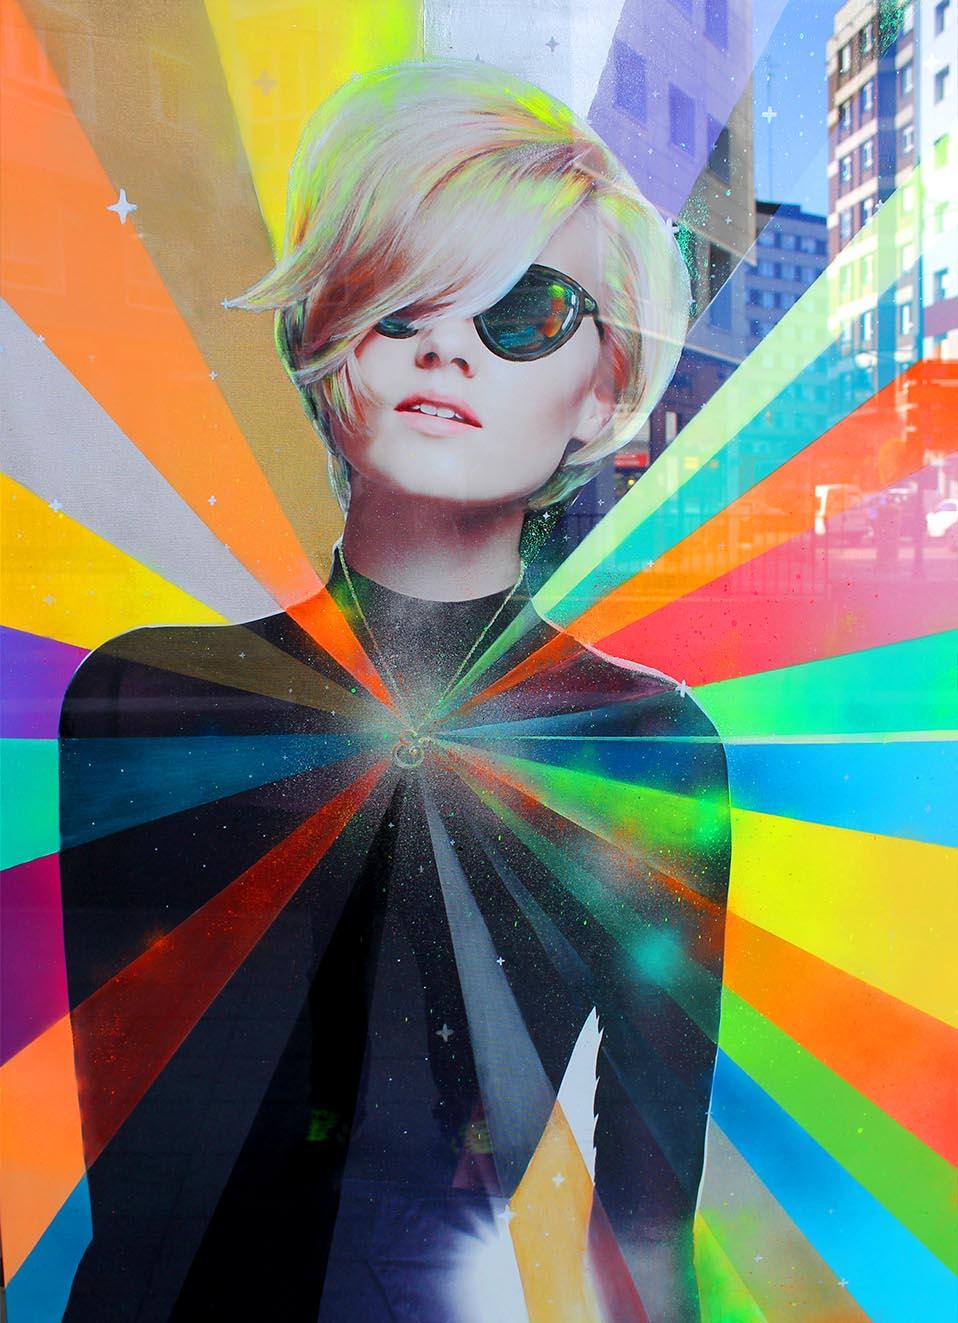 Neon Lady by Eduardo Morales en la peluquería corto y cambio (detalle)